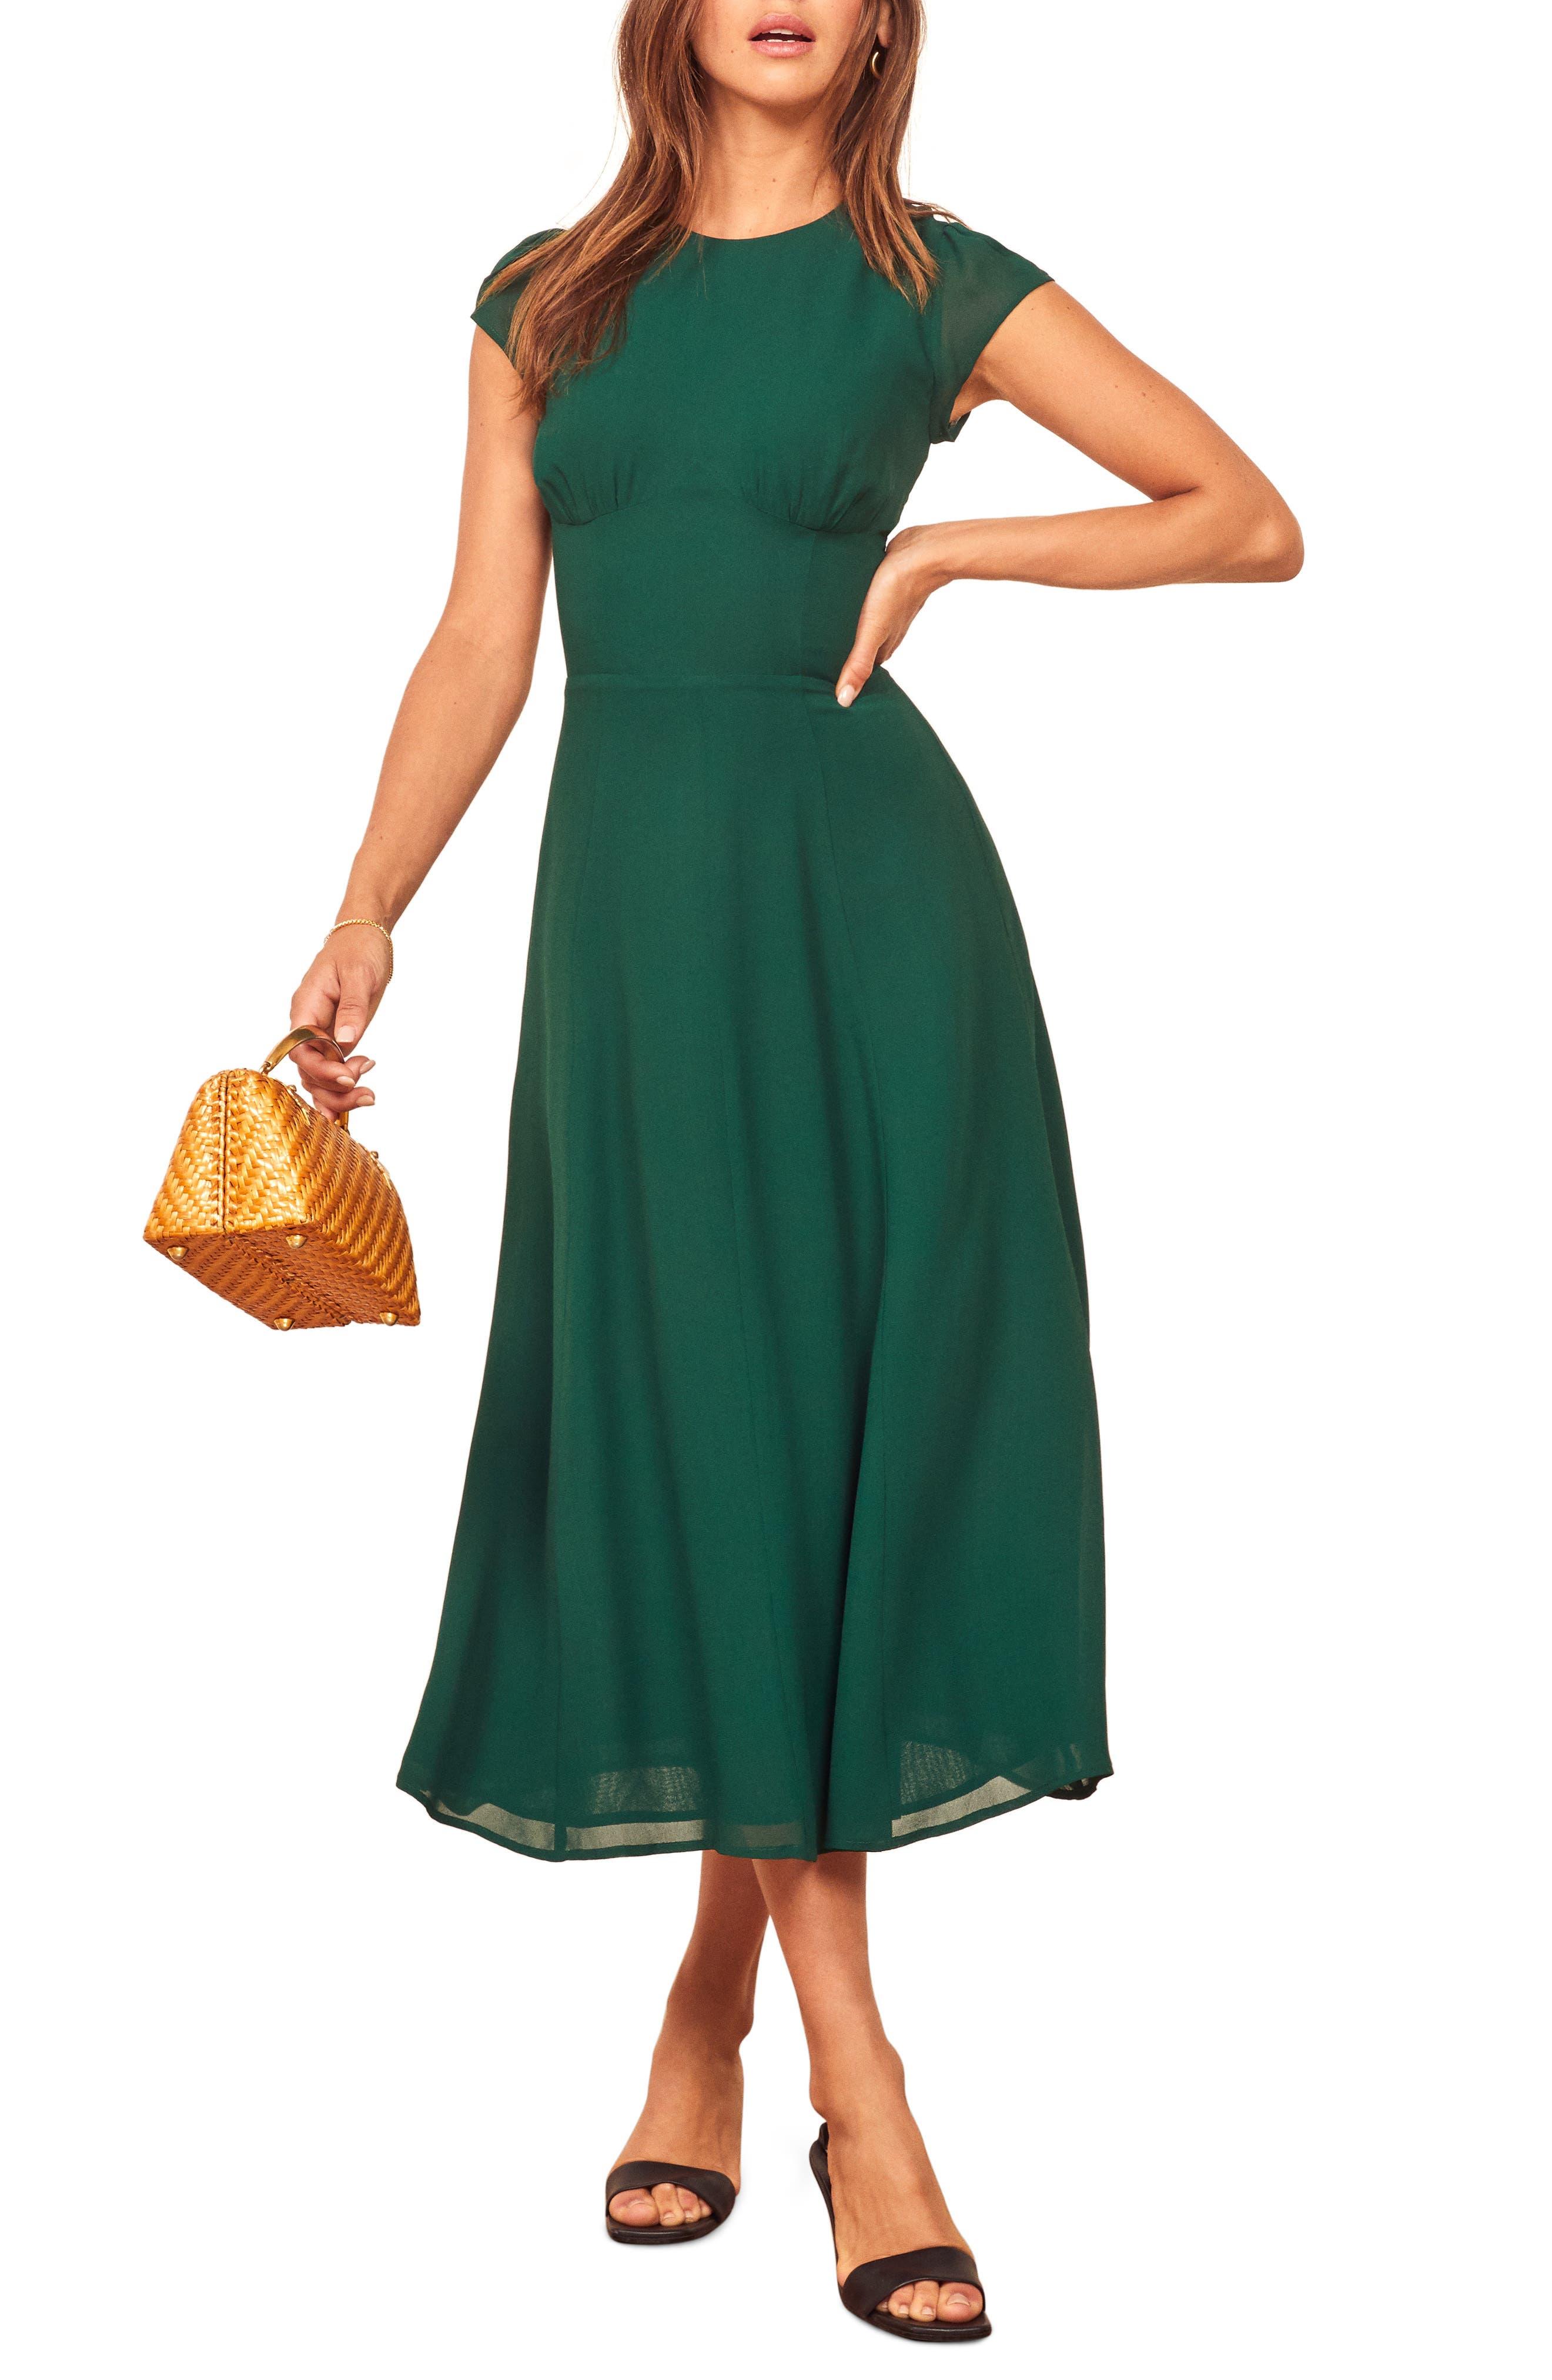 1930s Day Dresses, Afternoon Dresses History Womens Reformation Hayden A-Line Dress $248.00 AT vintagedancer.com